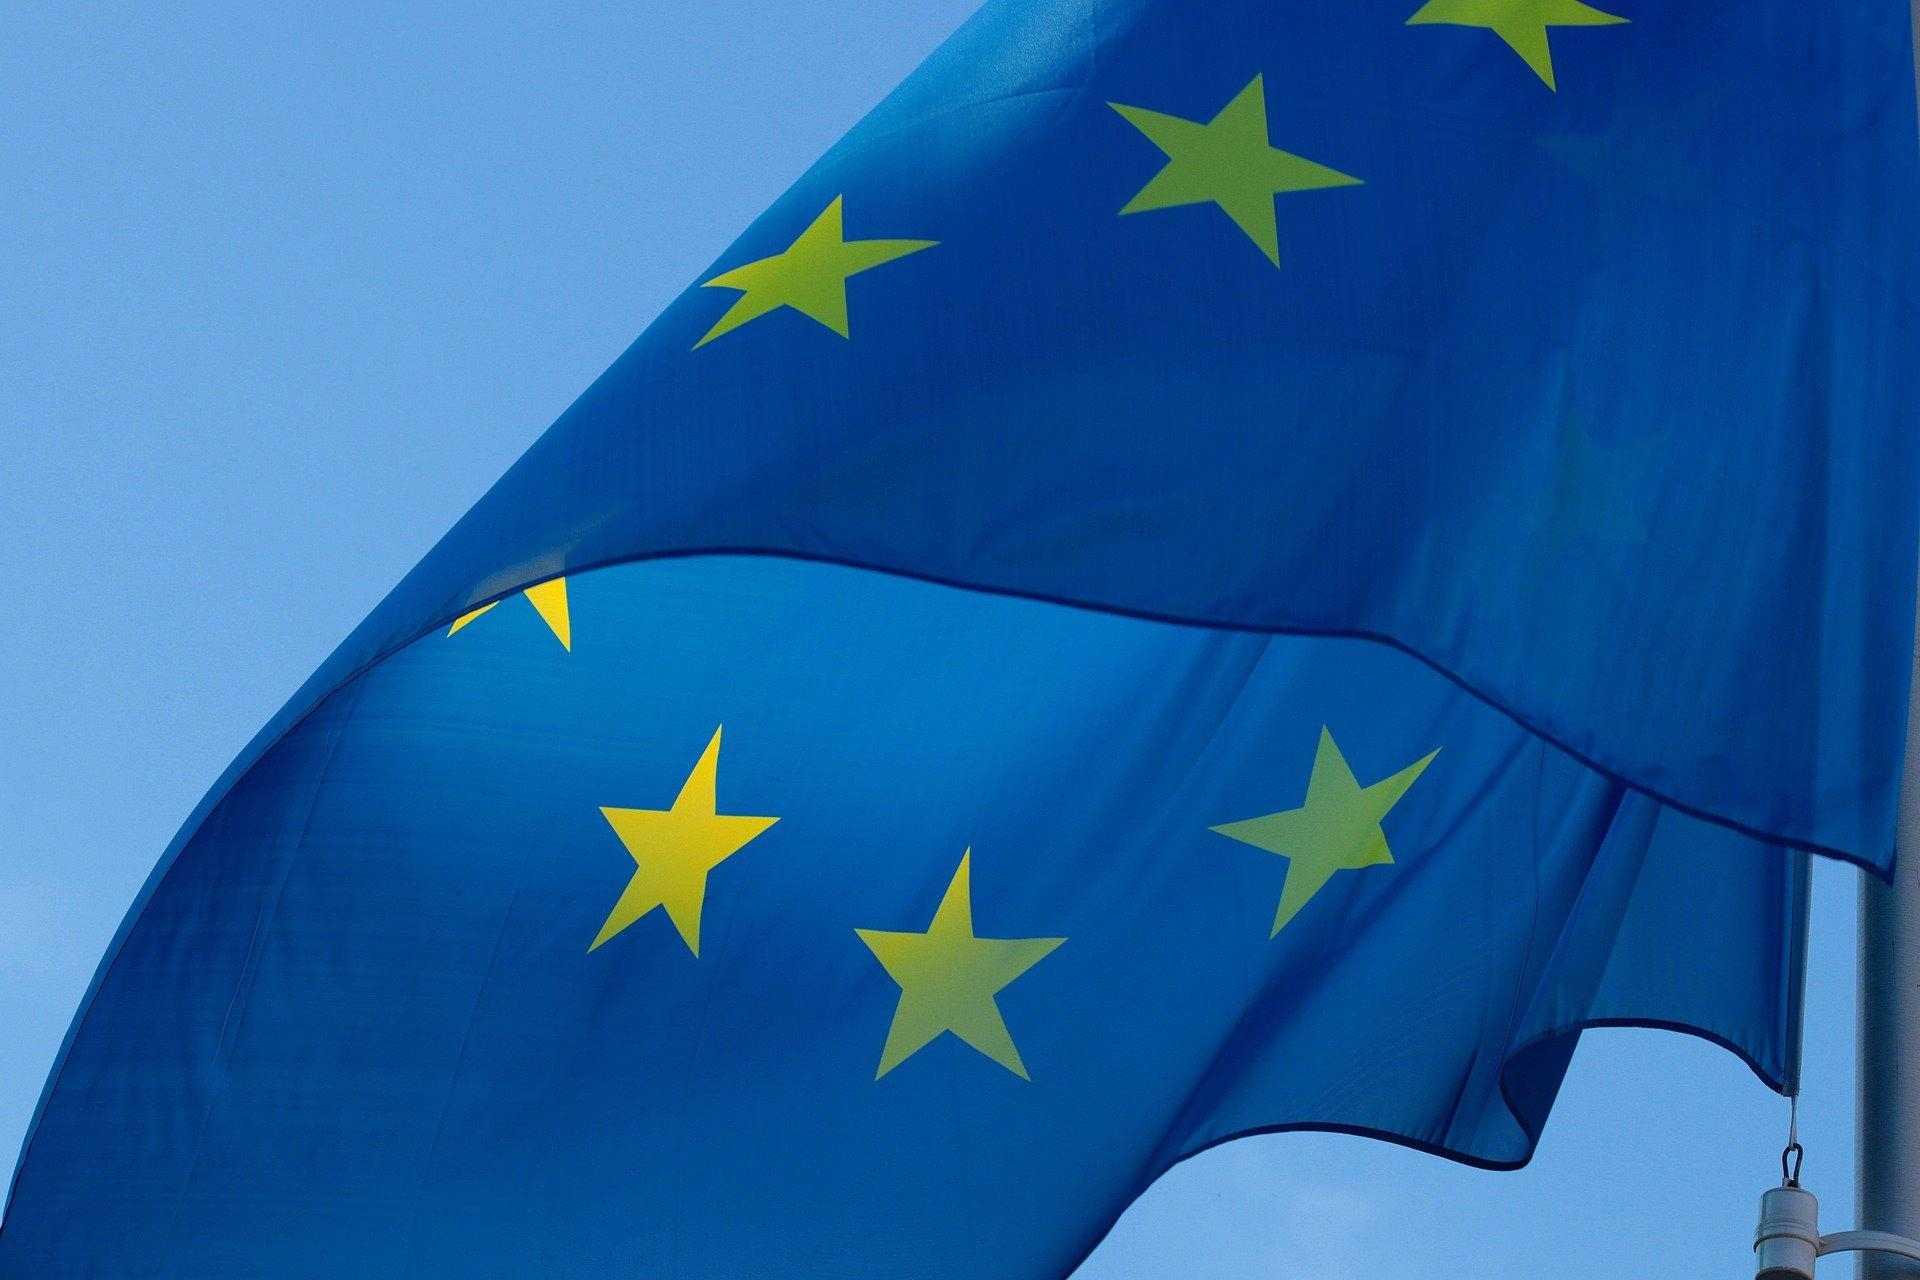 Bild Europaflagge, Quelle: Bild von S. Hermann & F. Richter auf Pixabay